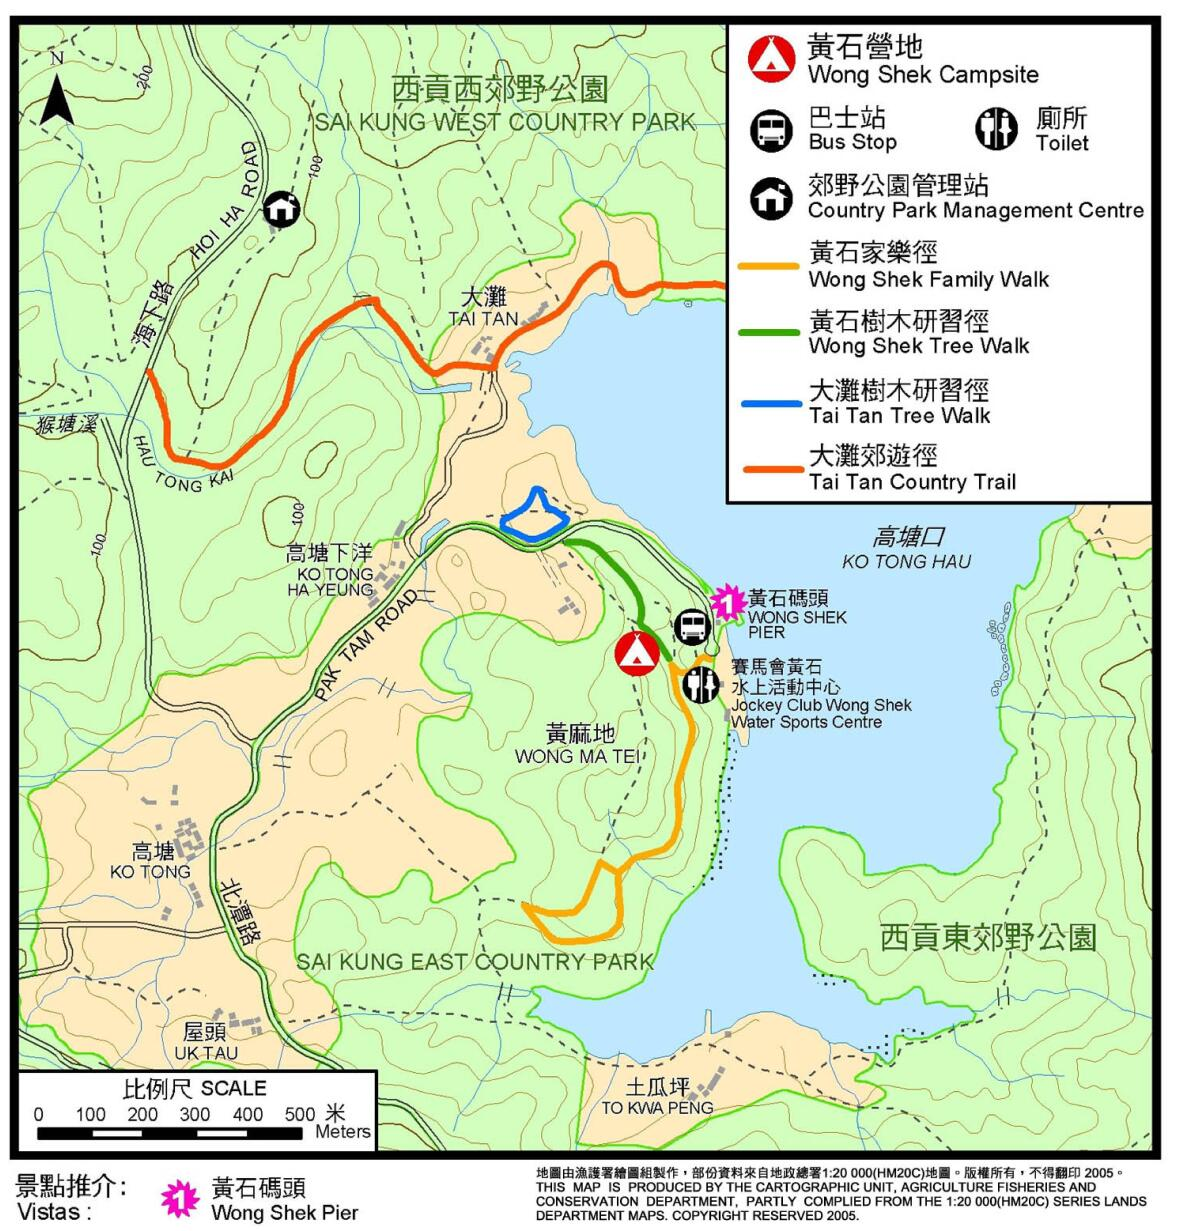 黃石營地地圖